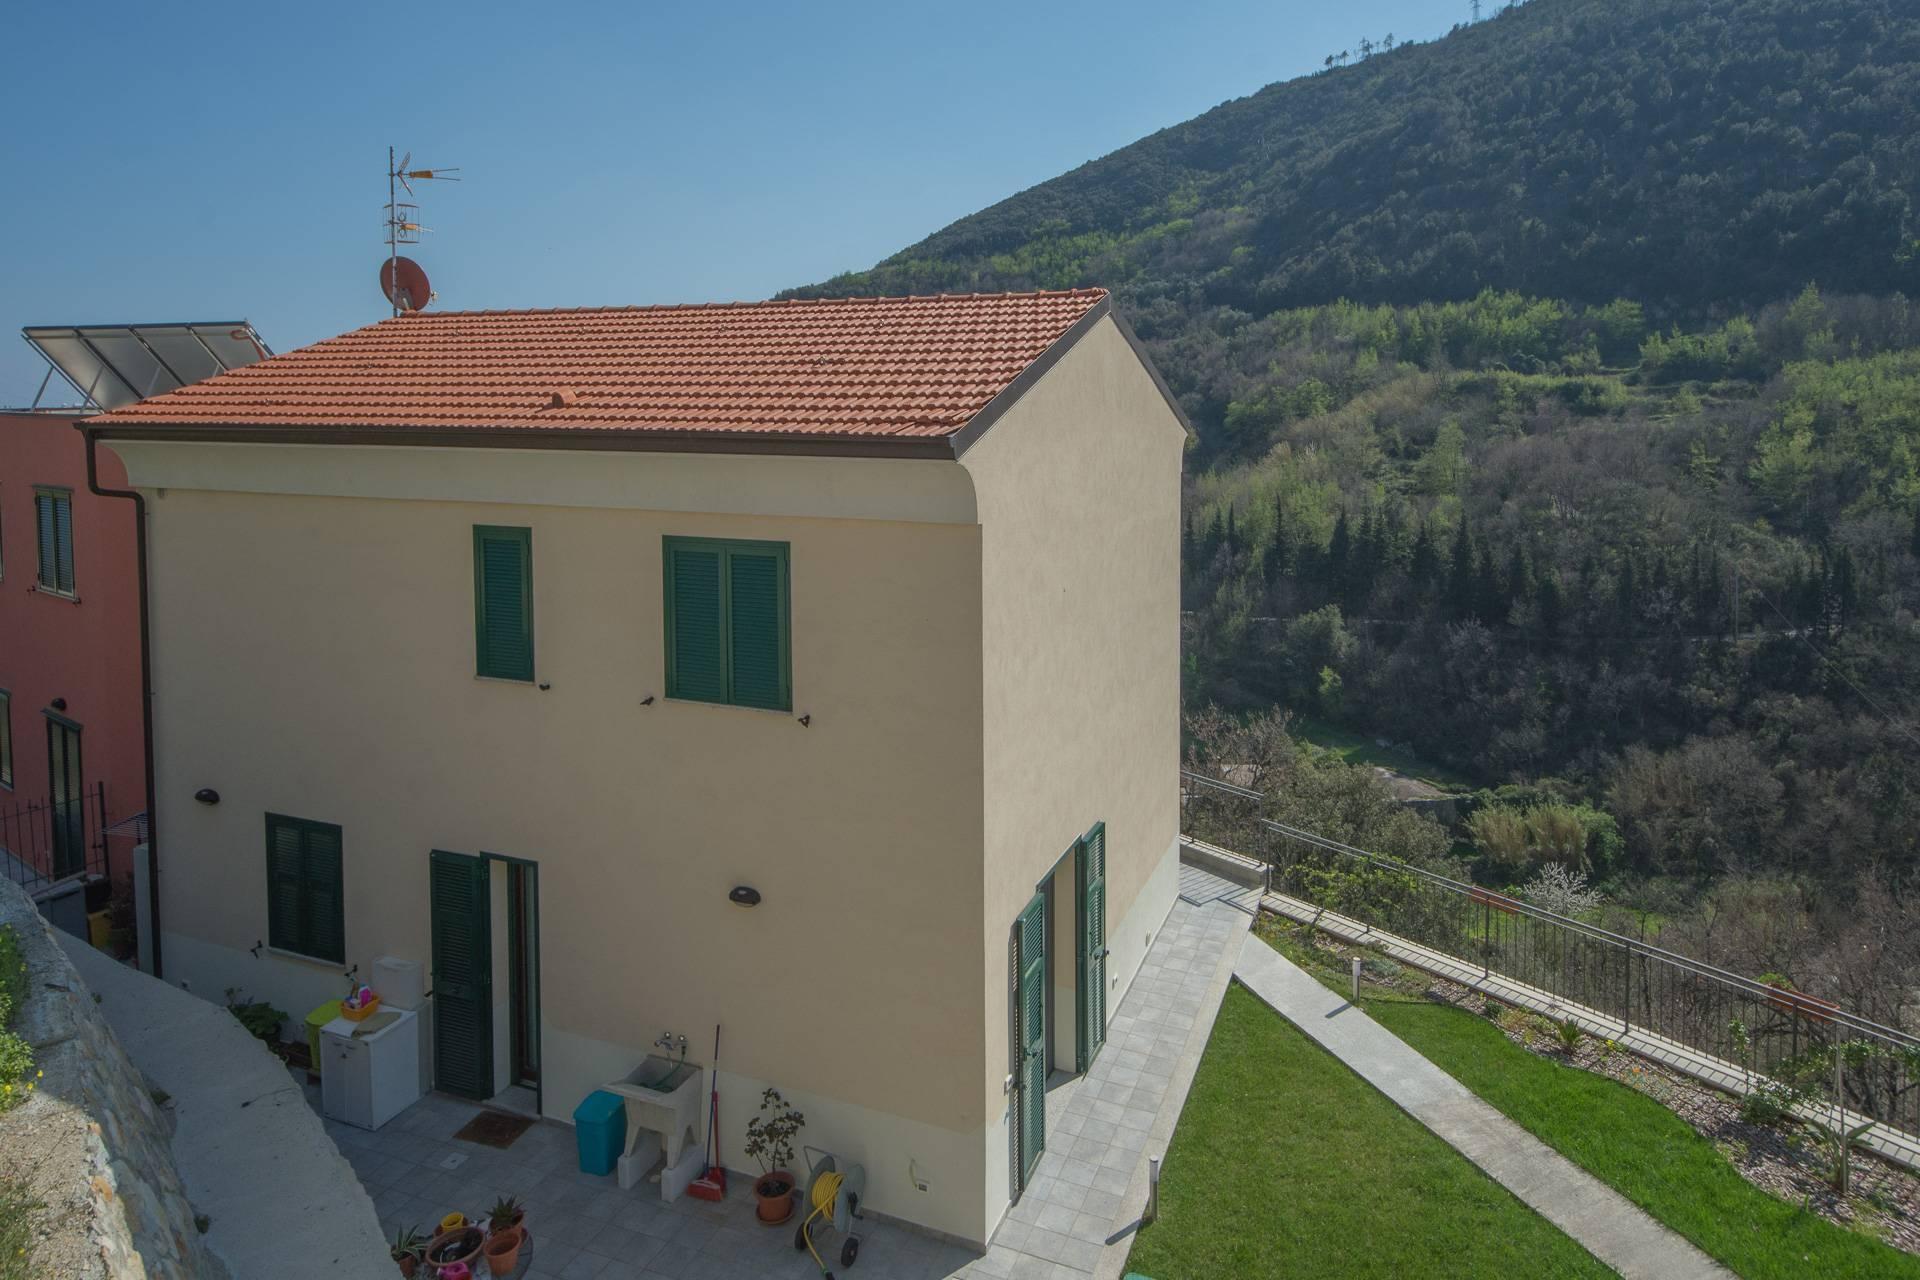 Appartamento in vendita a Giustenice, 3 locali, prezzo € 190.000 | PortaleAgenzieImmobiliari.it